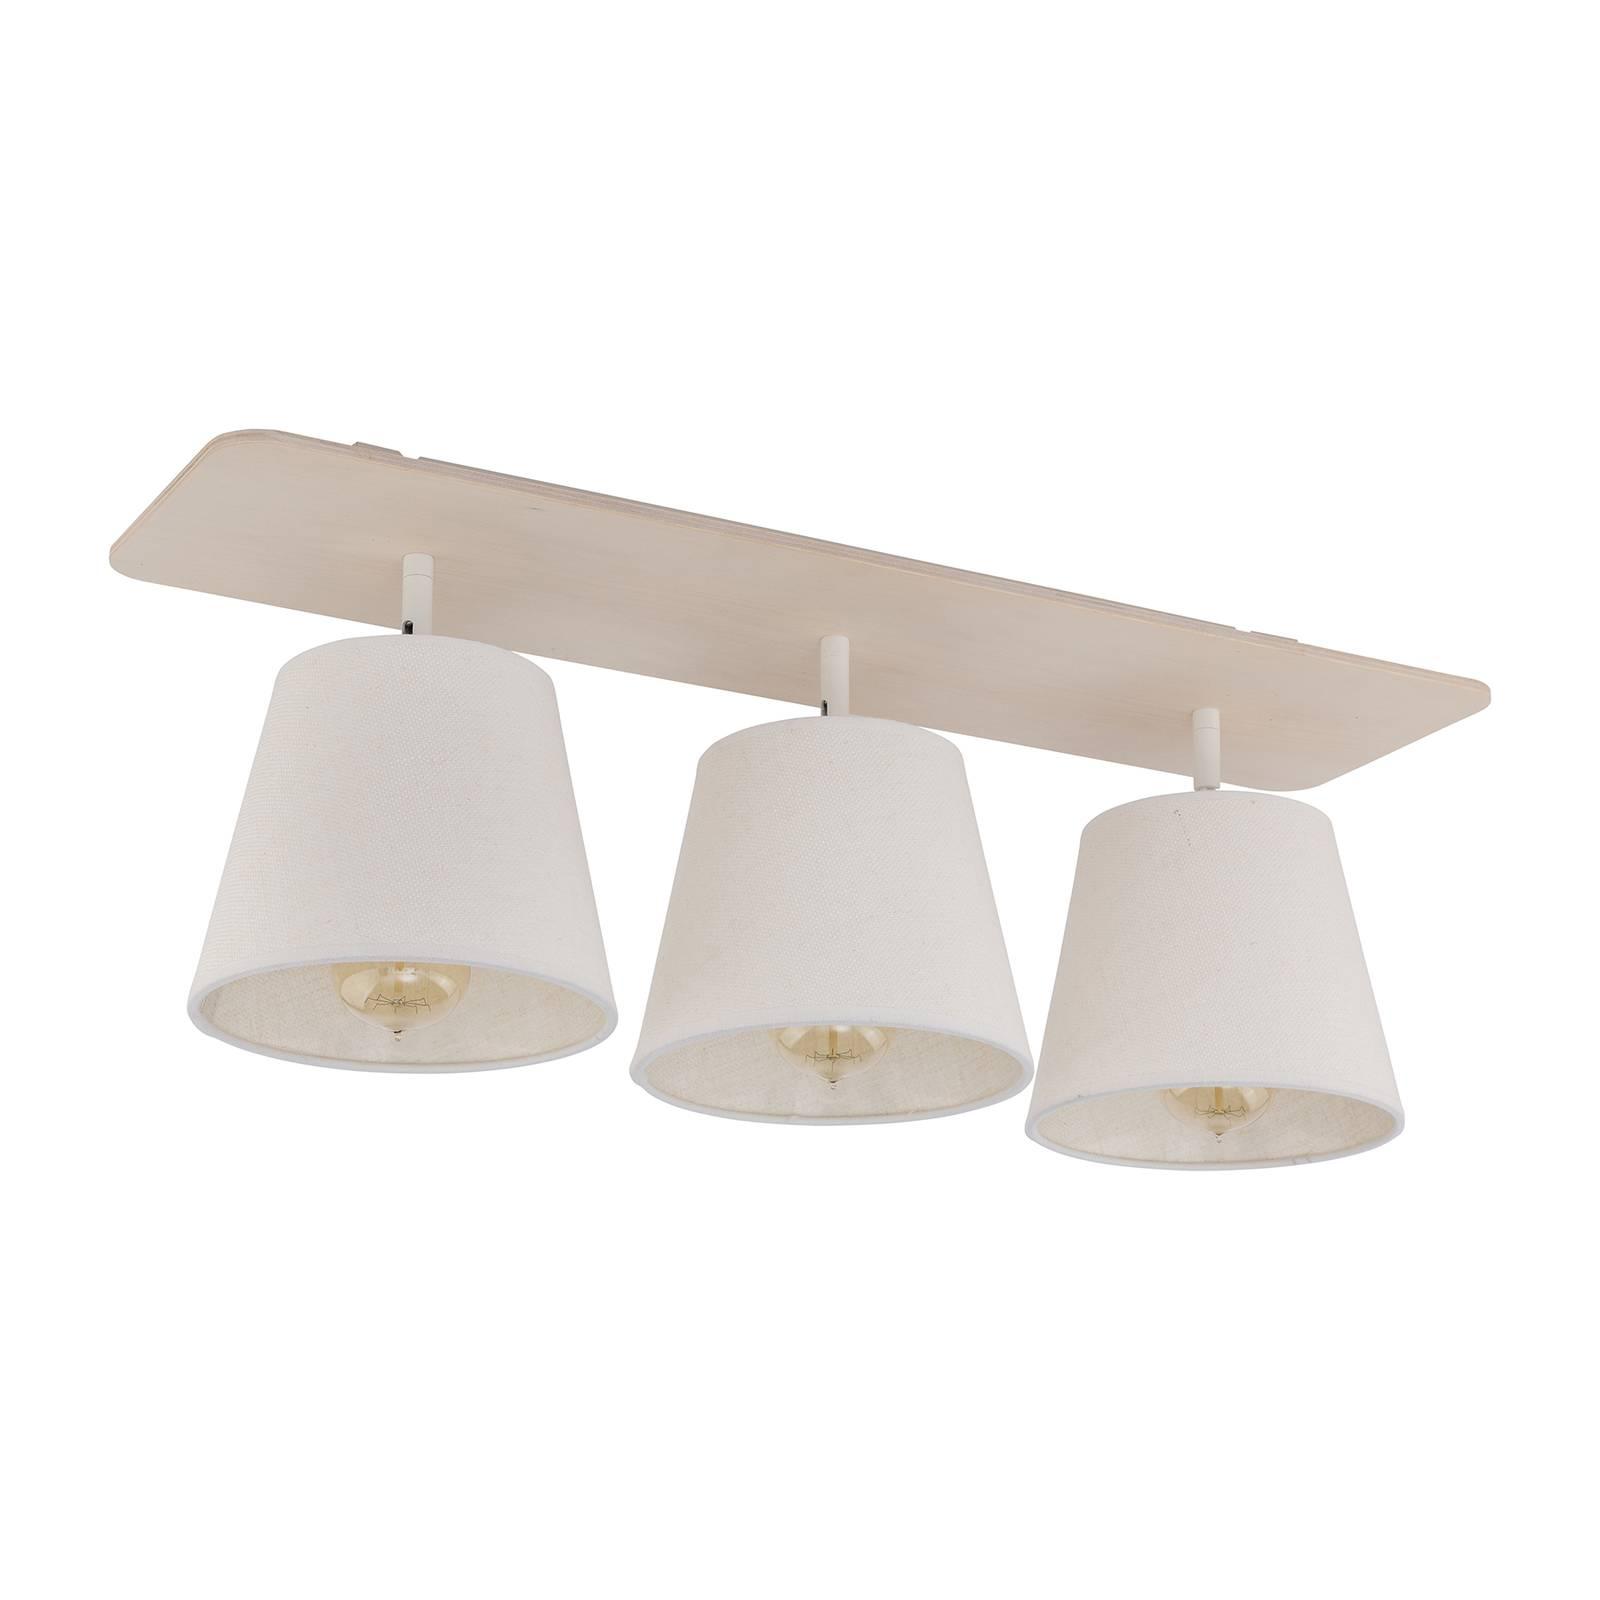 Kattovalaisin Awinion, 3-lamppuinen, valkoinen